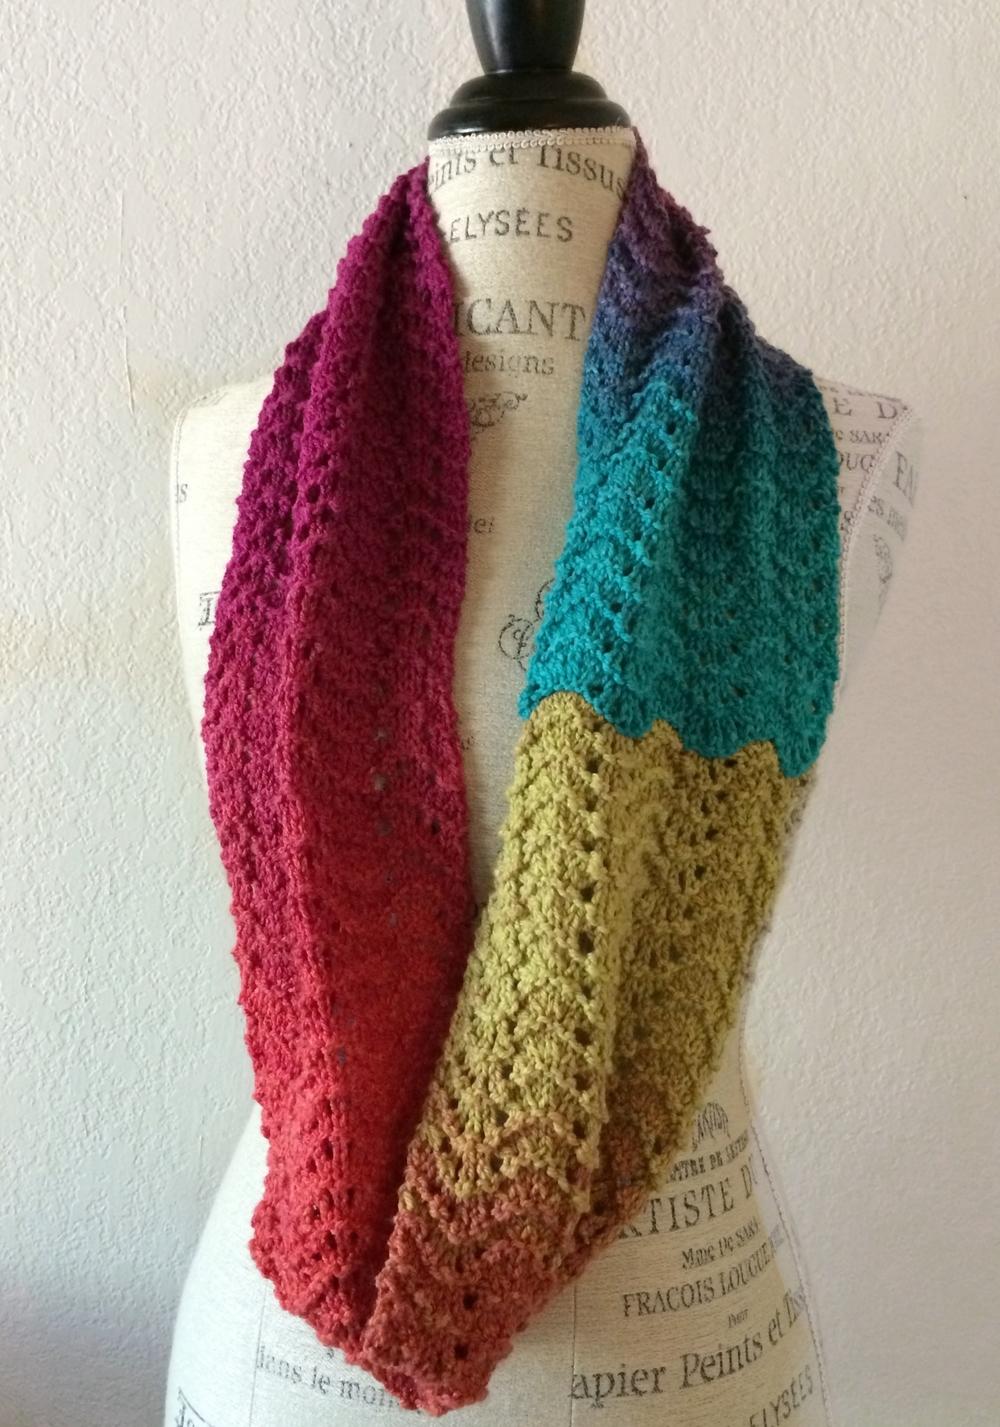 Calistoga Cowl Free Knitting Pattern | NobleKnits Knitting ...